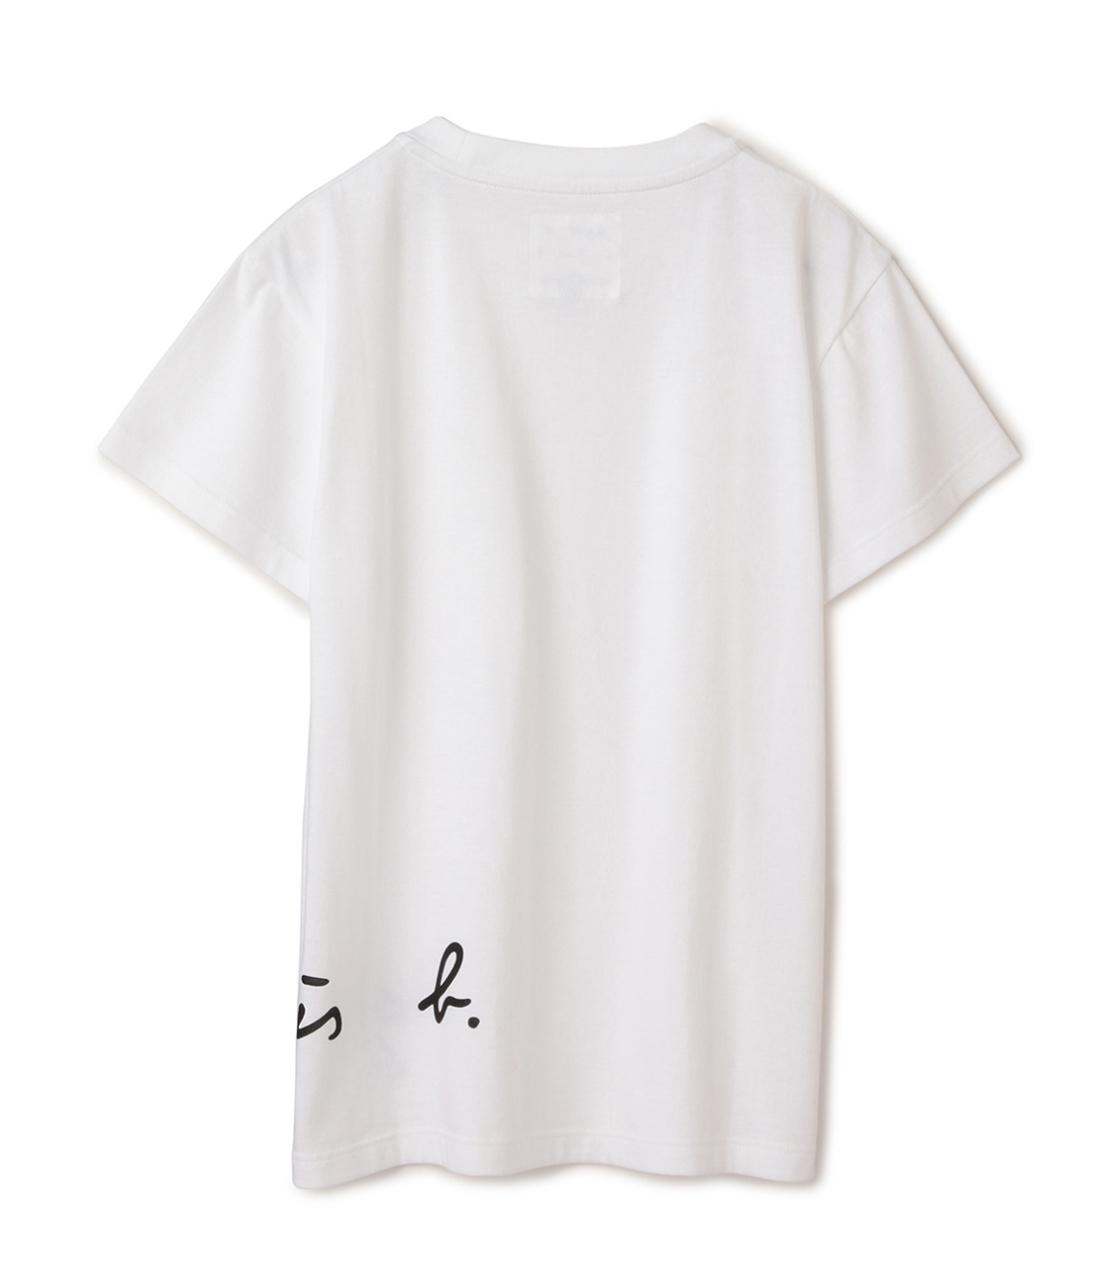 ADAM ET ROPÉがagnès b.とコラボレーション。ロゴをポイントにしたTシャツを発売。_1_4-2